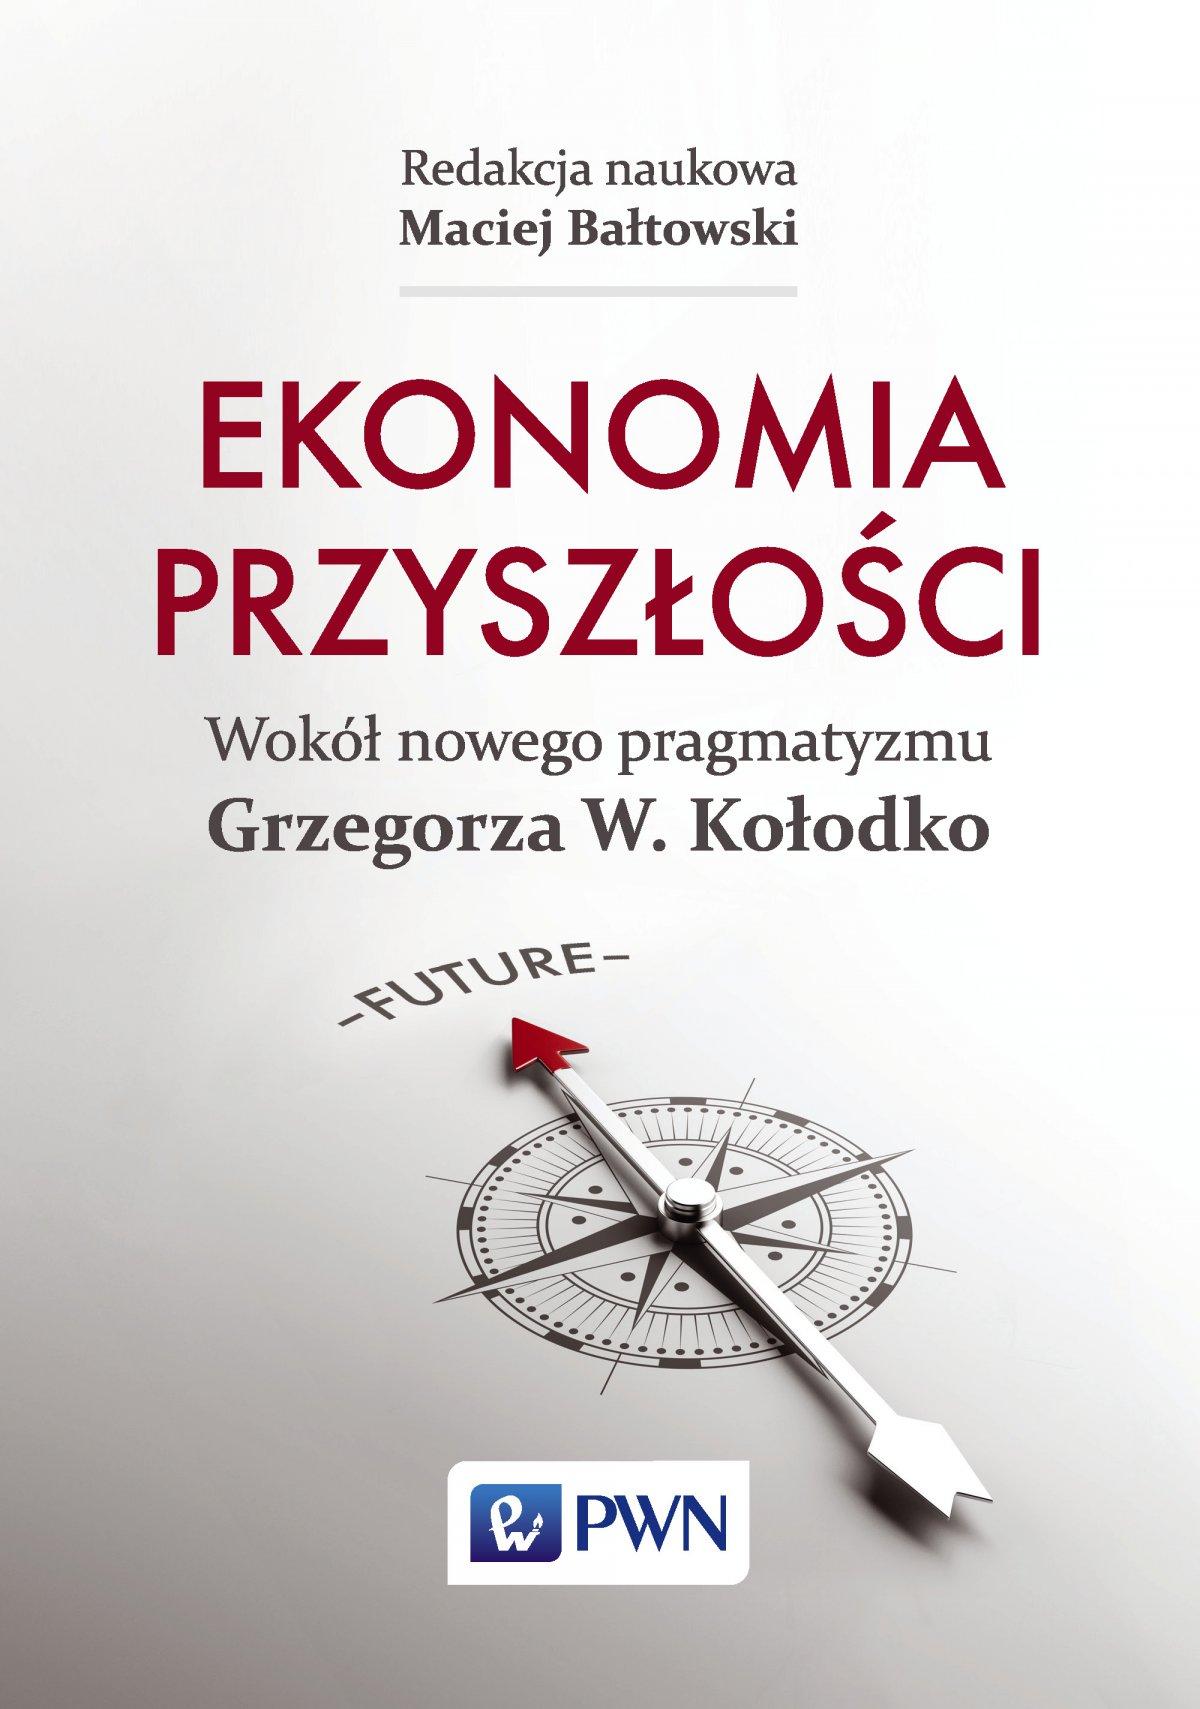 Ekonomia przyszłości. Wokół nowego pragmatyzmu Grzegorza W. Kołodko - Ebook (Książka EPUB) do pobrania w formacie EPUB